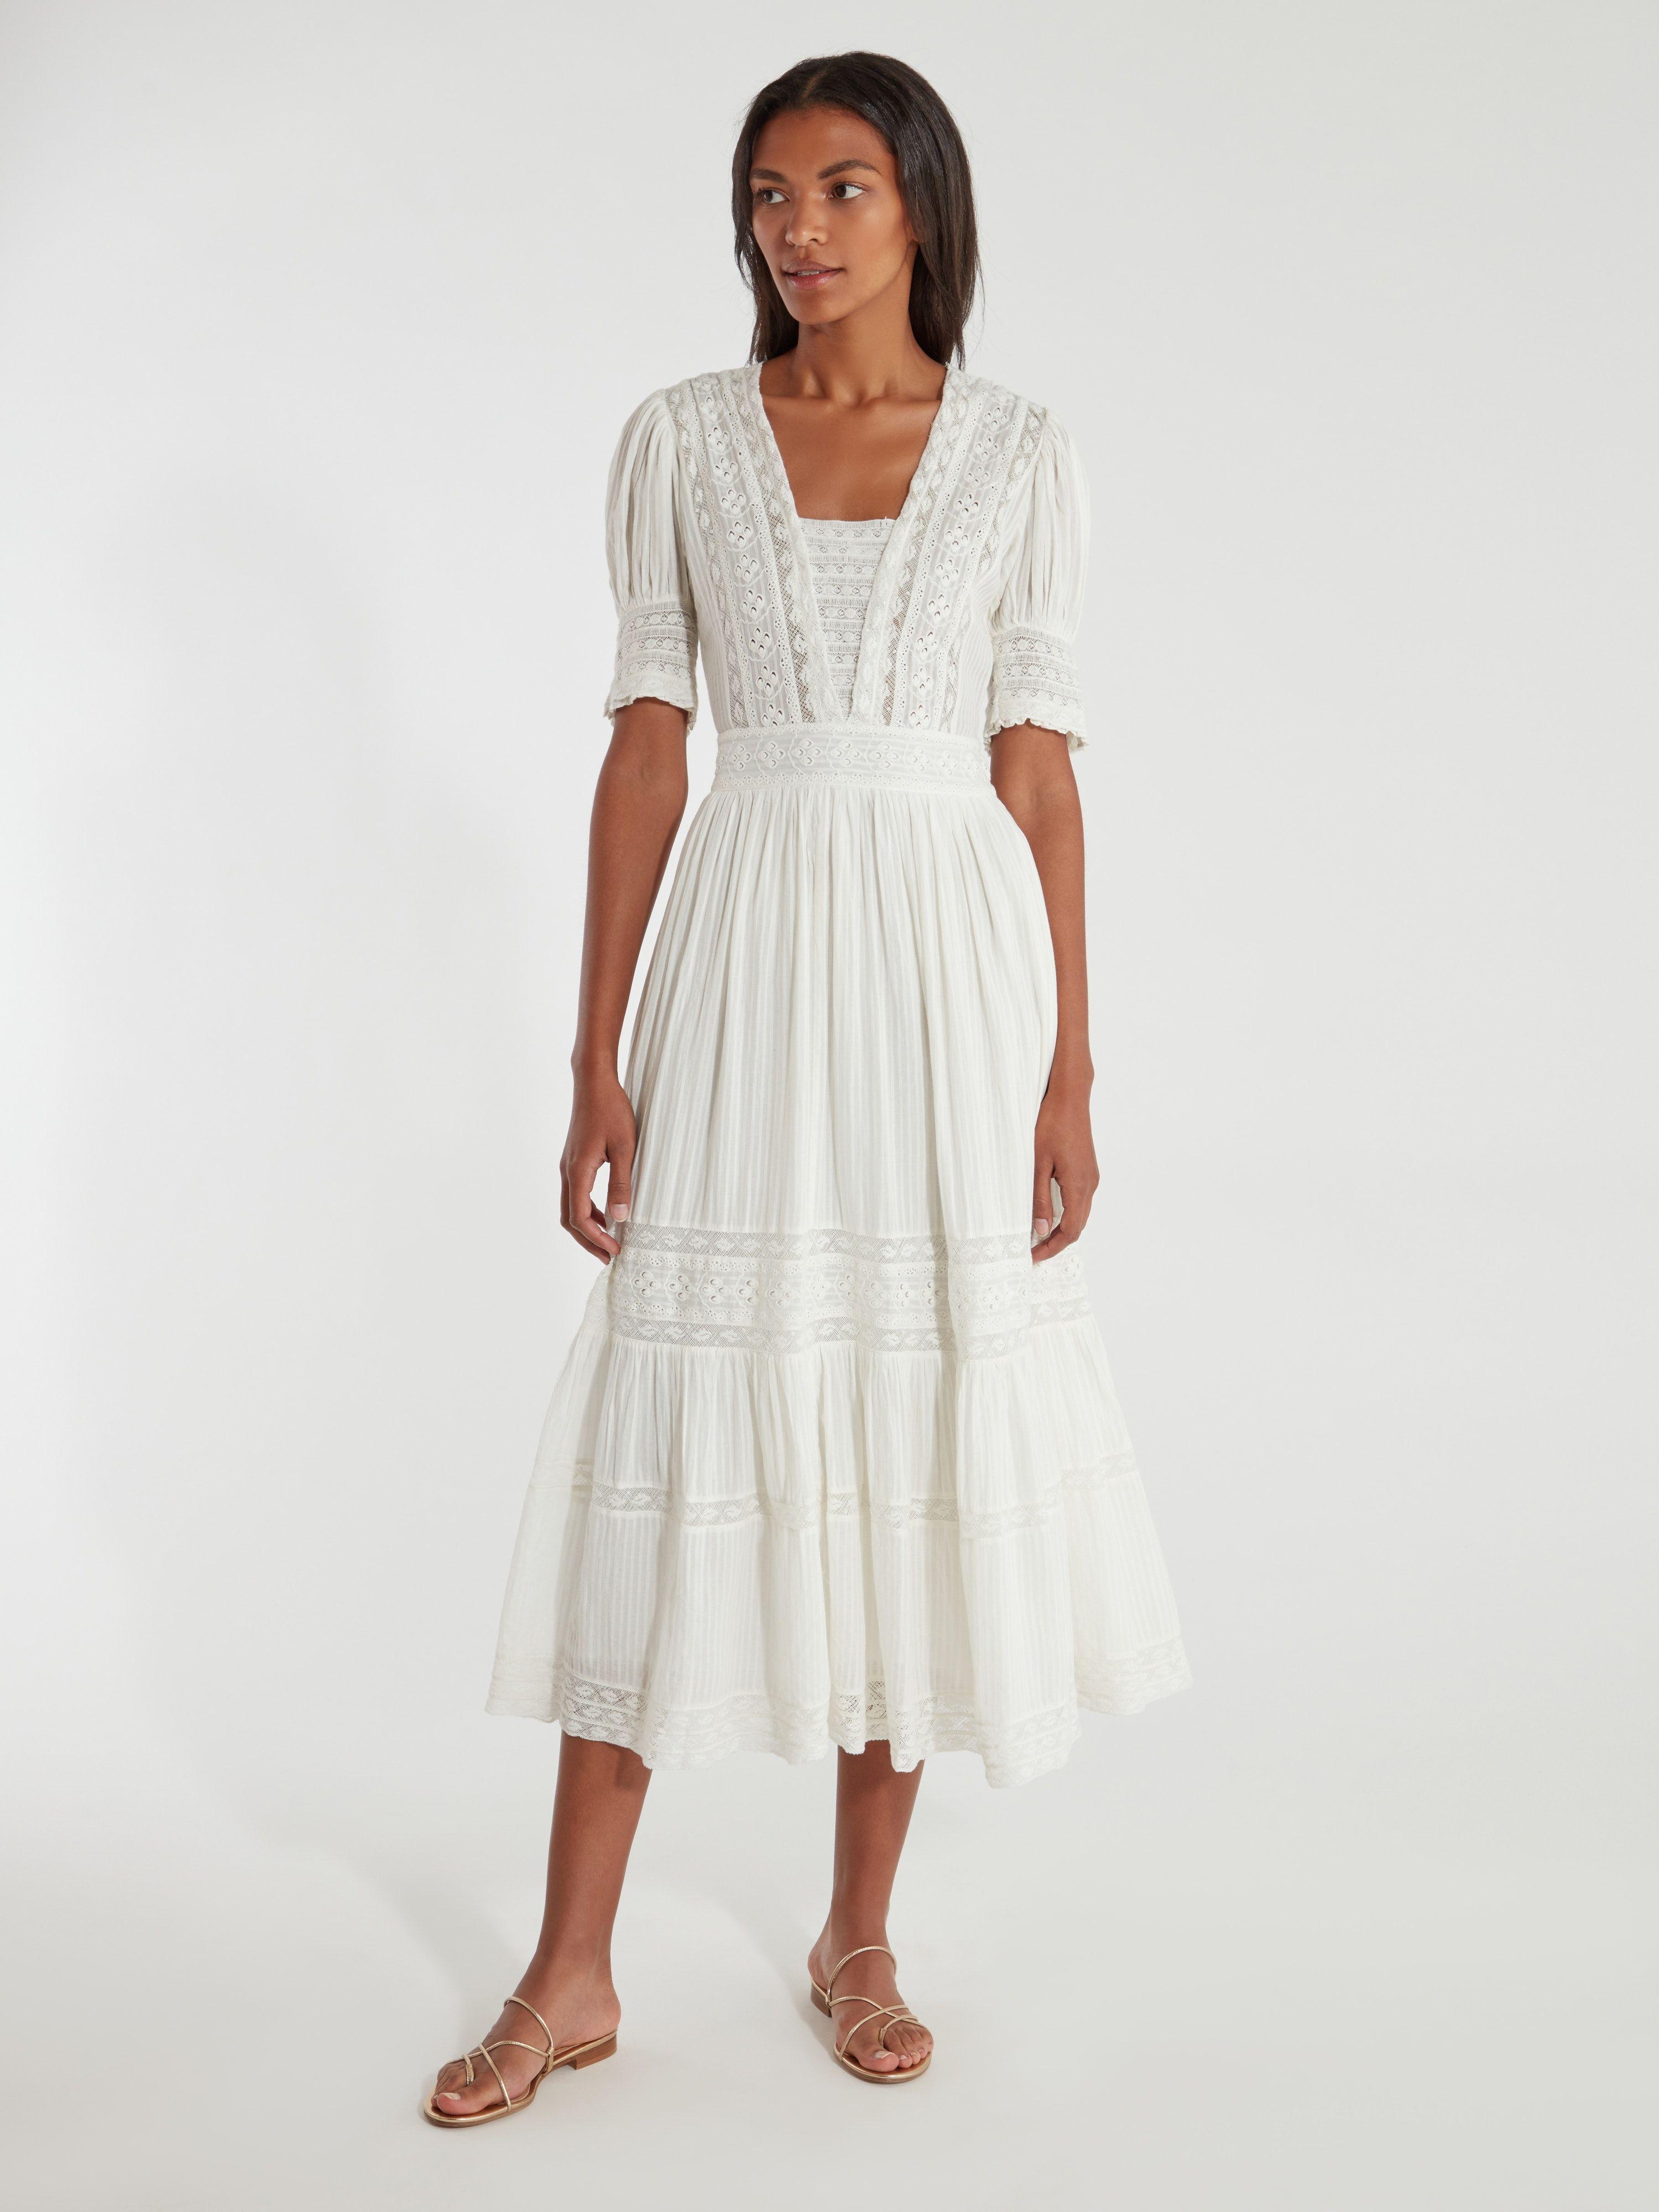 Loveshackfancy Ayla Lace Trim Cotton Dress Antique White Dresses Cotton Dresses Dapper Dress [ 4000 x 3000 Pixel ]